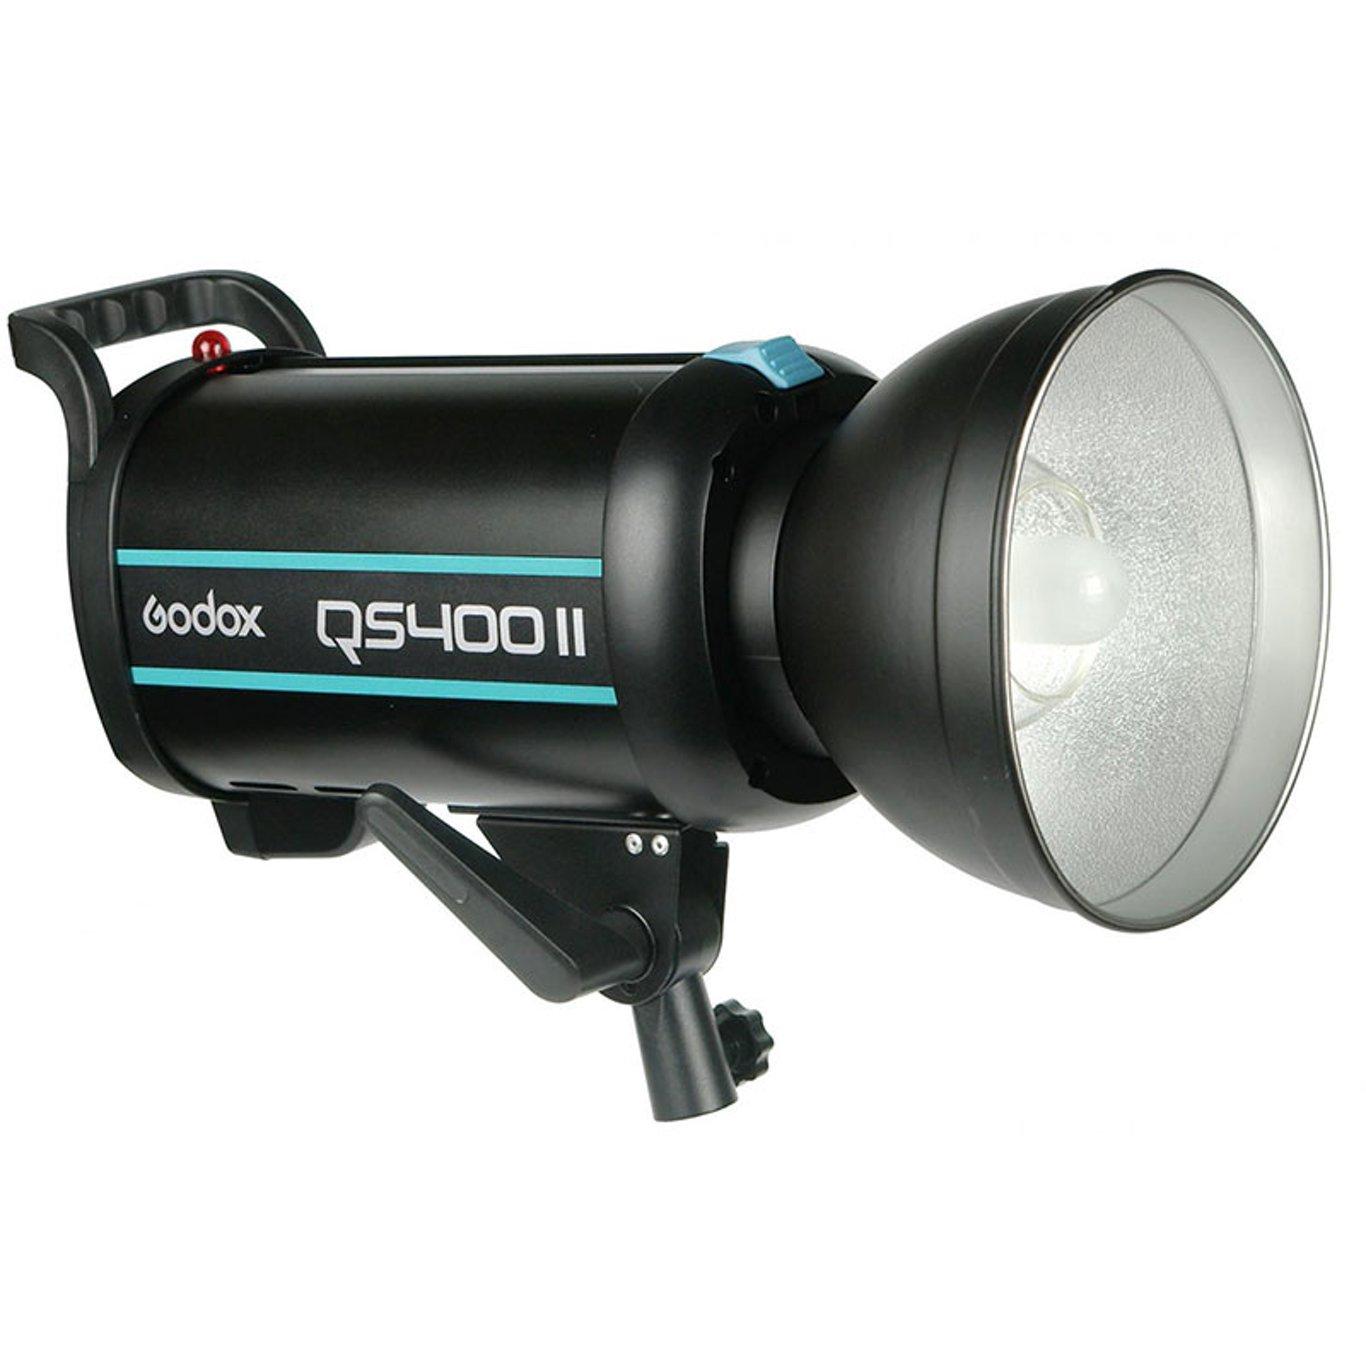 ĐÈN FLASH GODOX QS400 II - HÀNG CHÍNH HÃNG